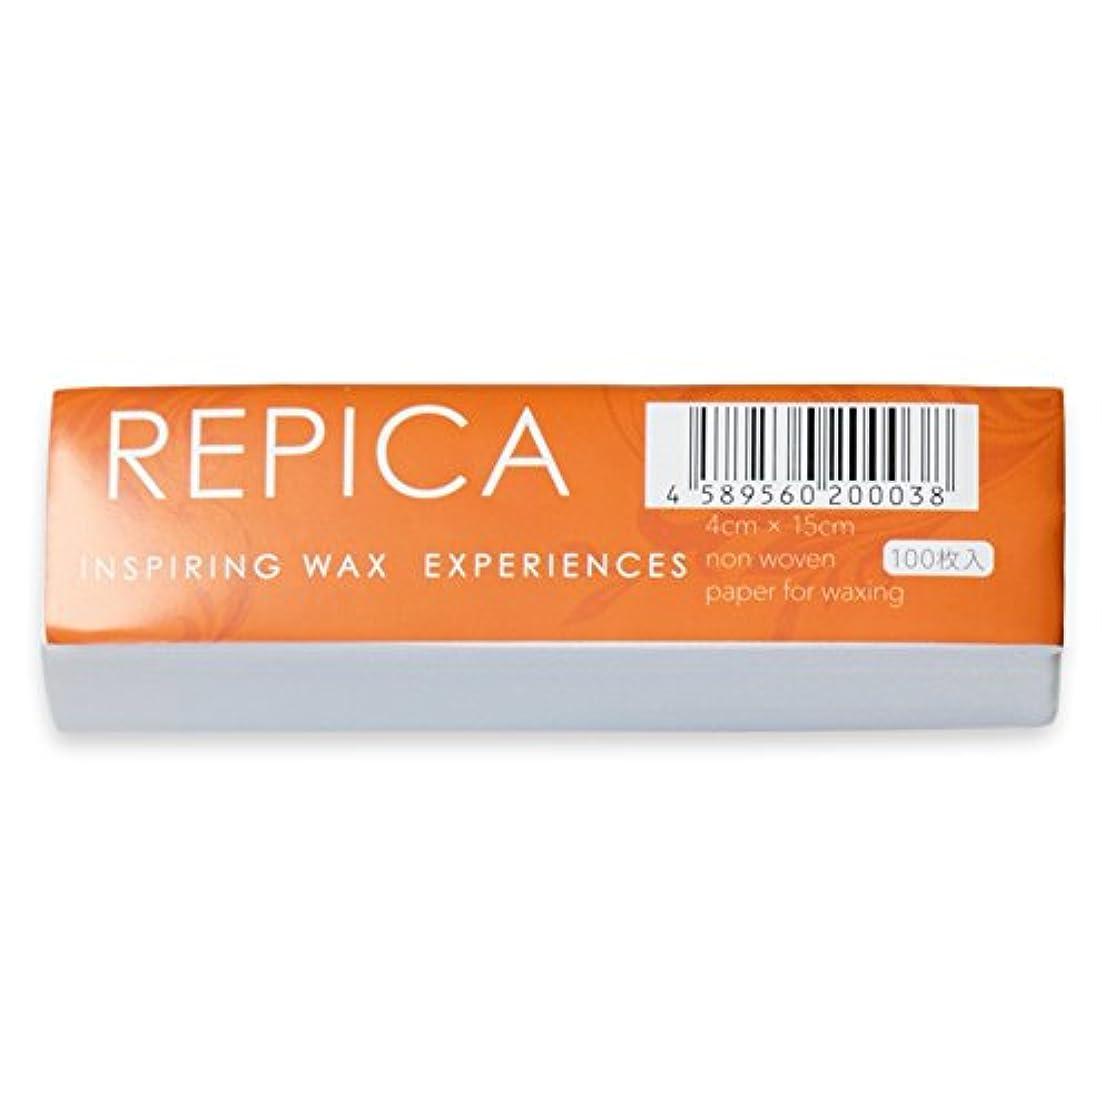 有名な兄弟愛消去REPICA ブラジリアンワックス脱毛 カットペーパー Sサイズ100枚入り×1個 ワックス脱毛 ワックスシート ストリップシート